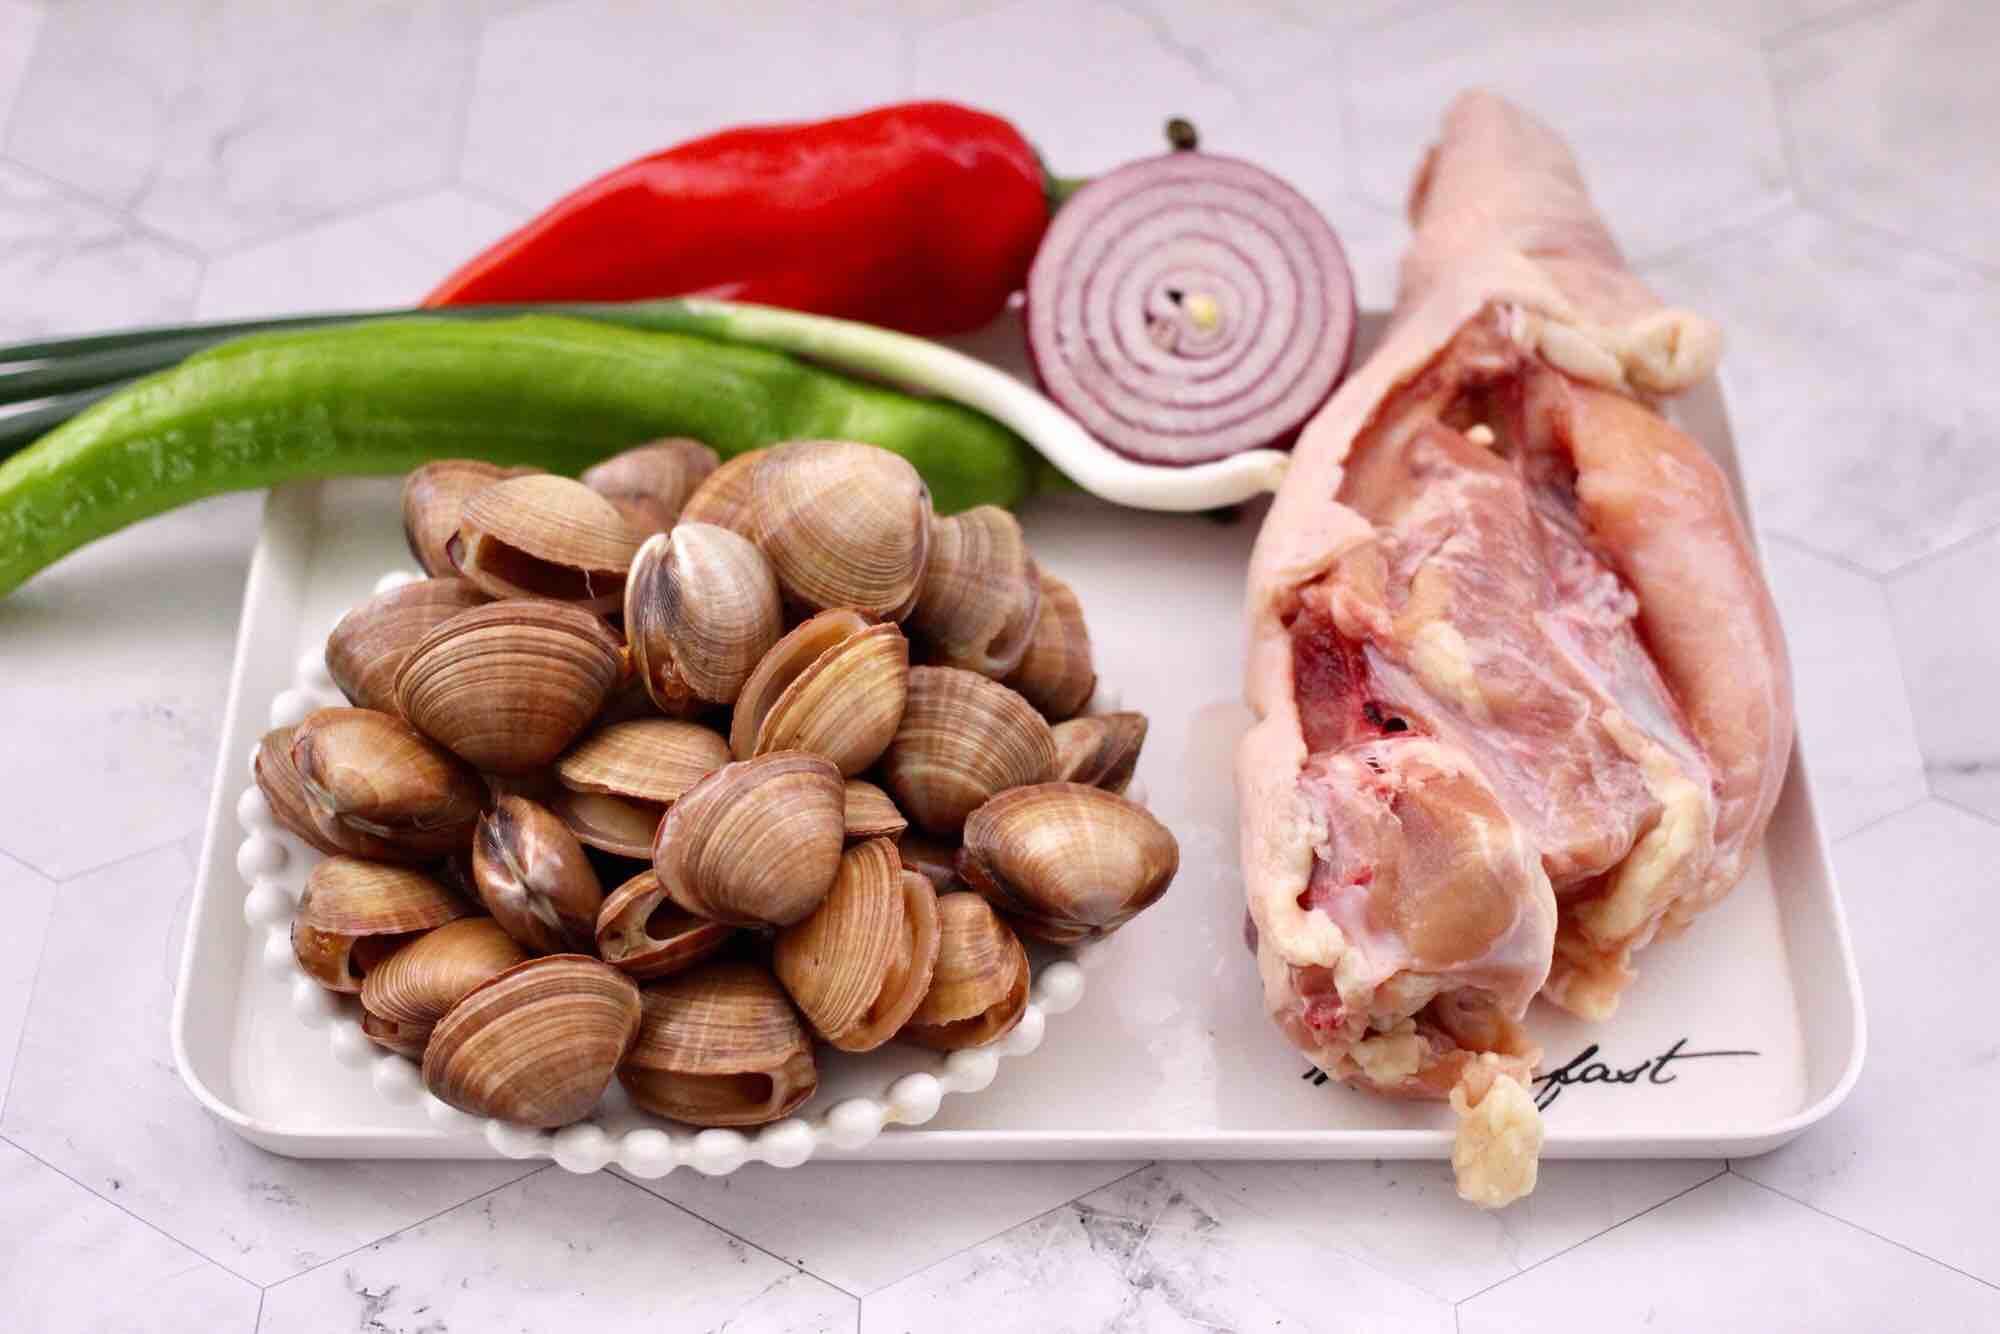 鸡焖蛤的做法大全